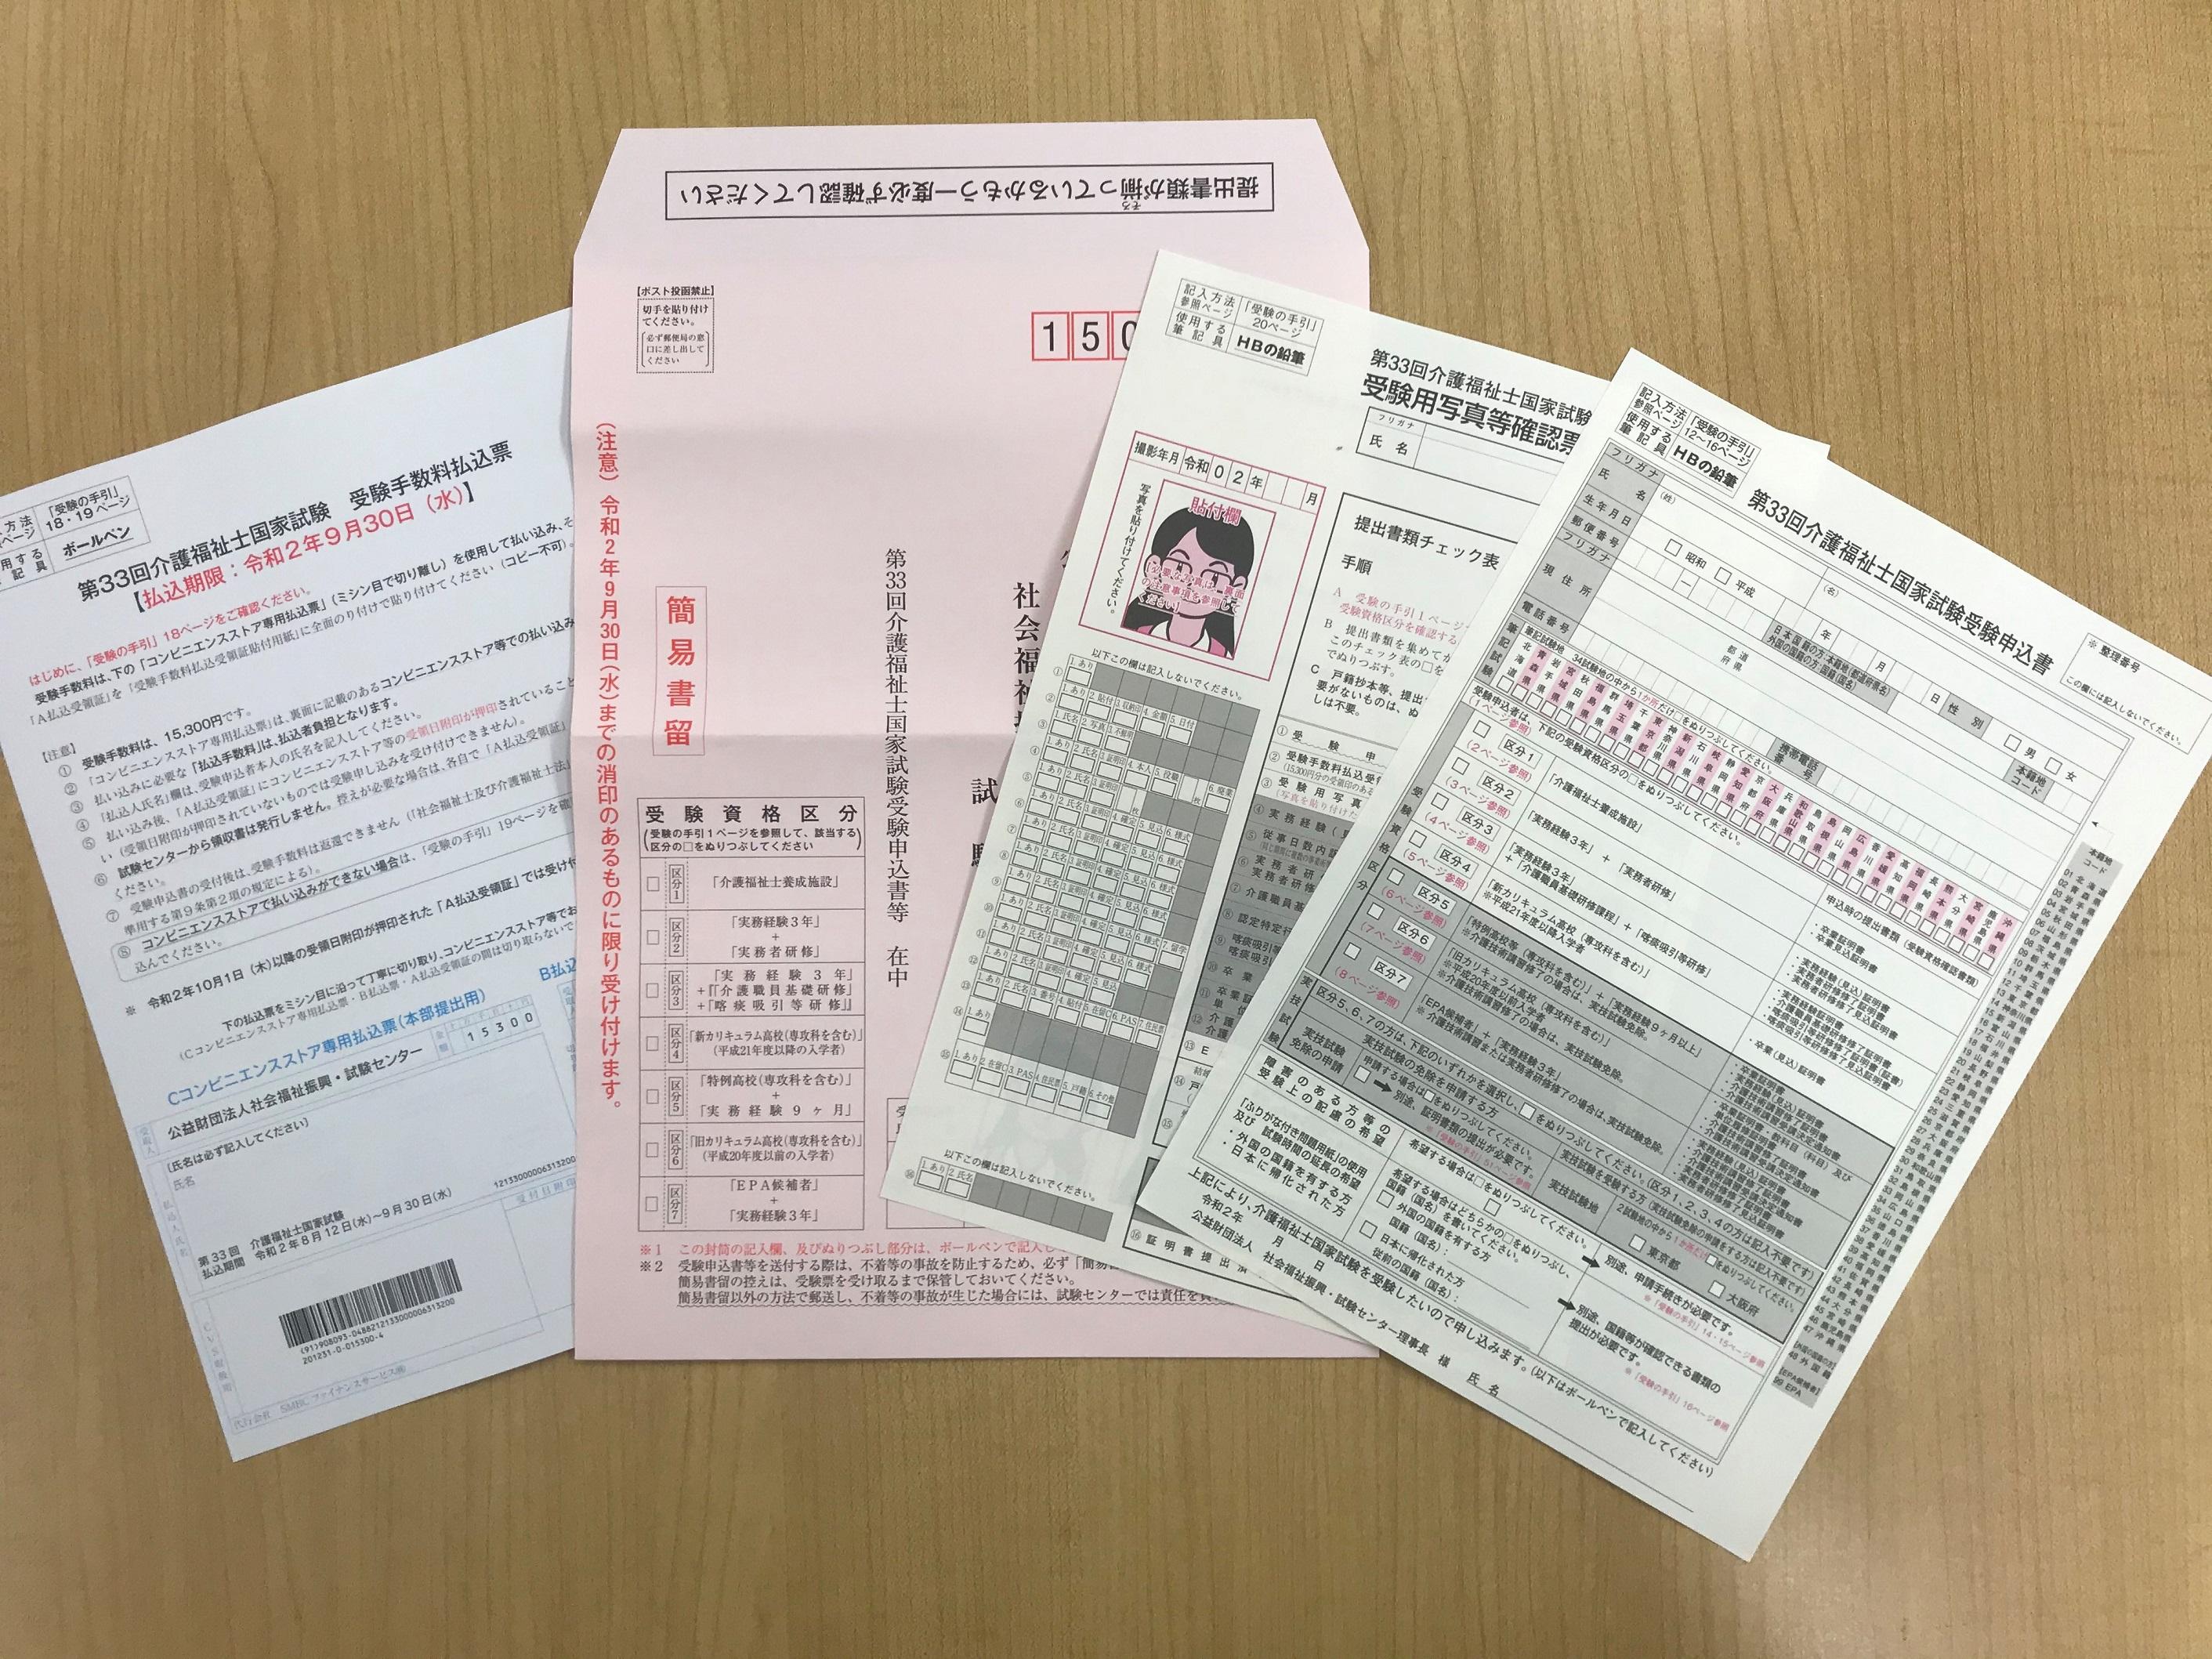 介護 士 第 国家 試験 回 福祉 33